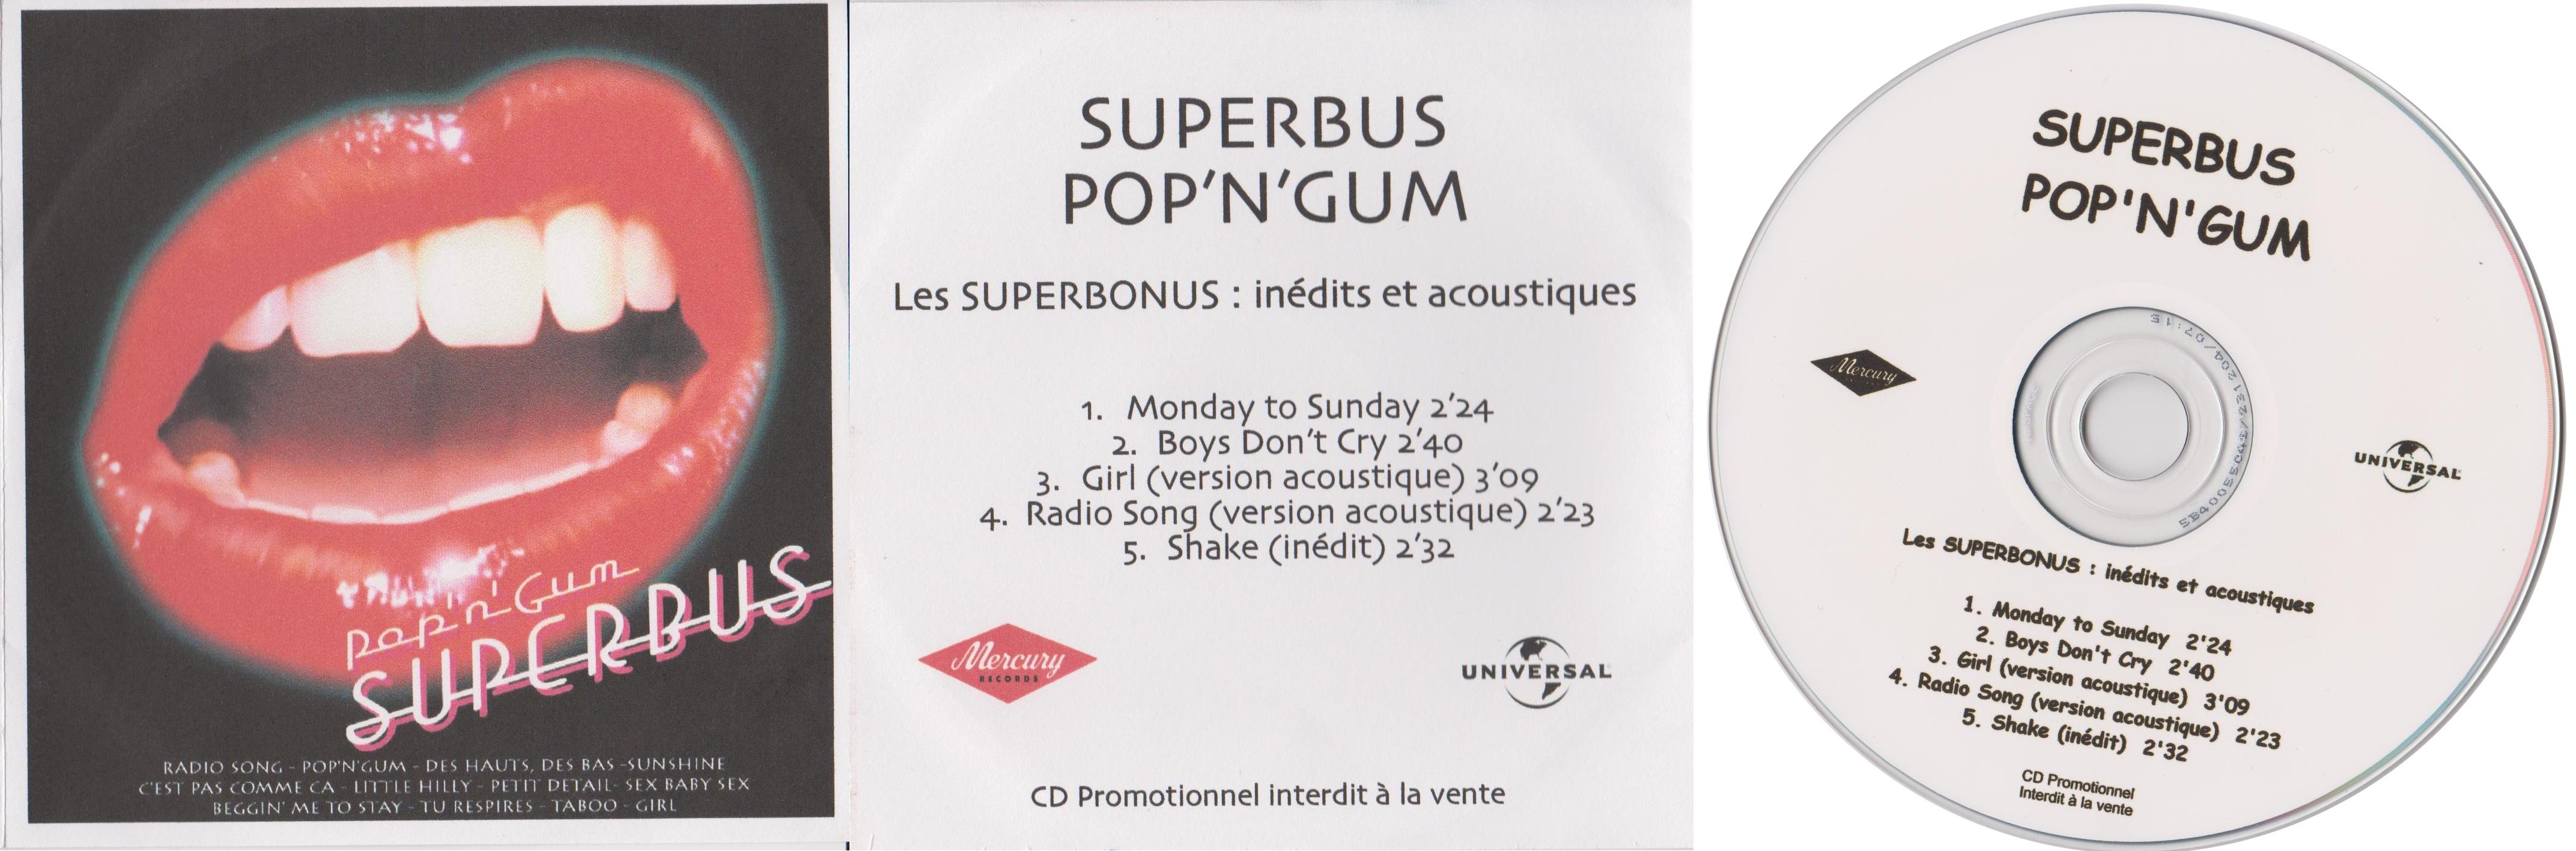 PnG promo - Inédits et acoustiques